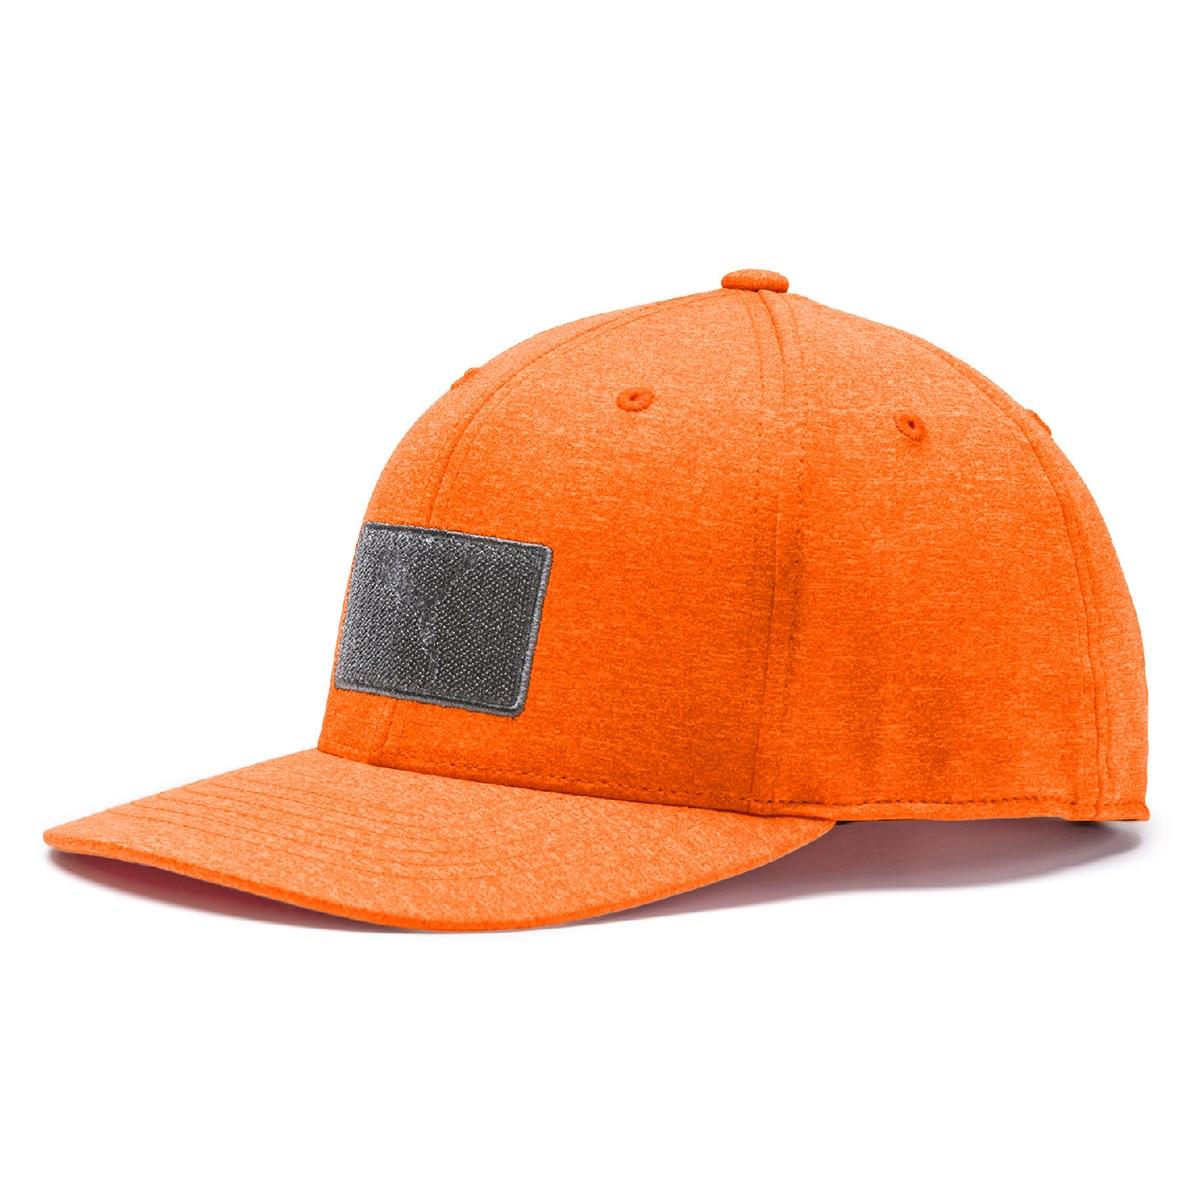 プーマ PUMA パッチ 110 スナップバックキャップ フリー ビブラントオレンジ 05